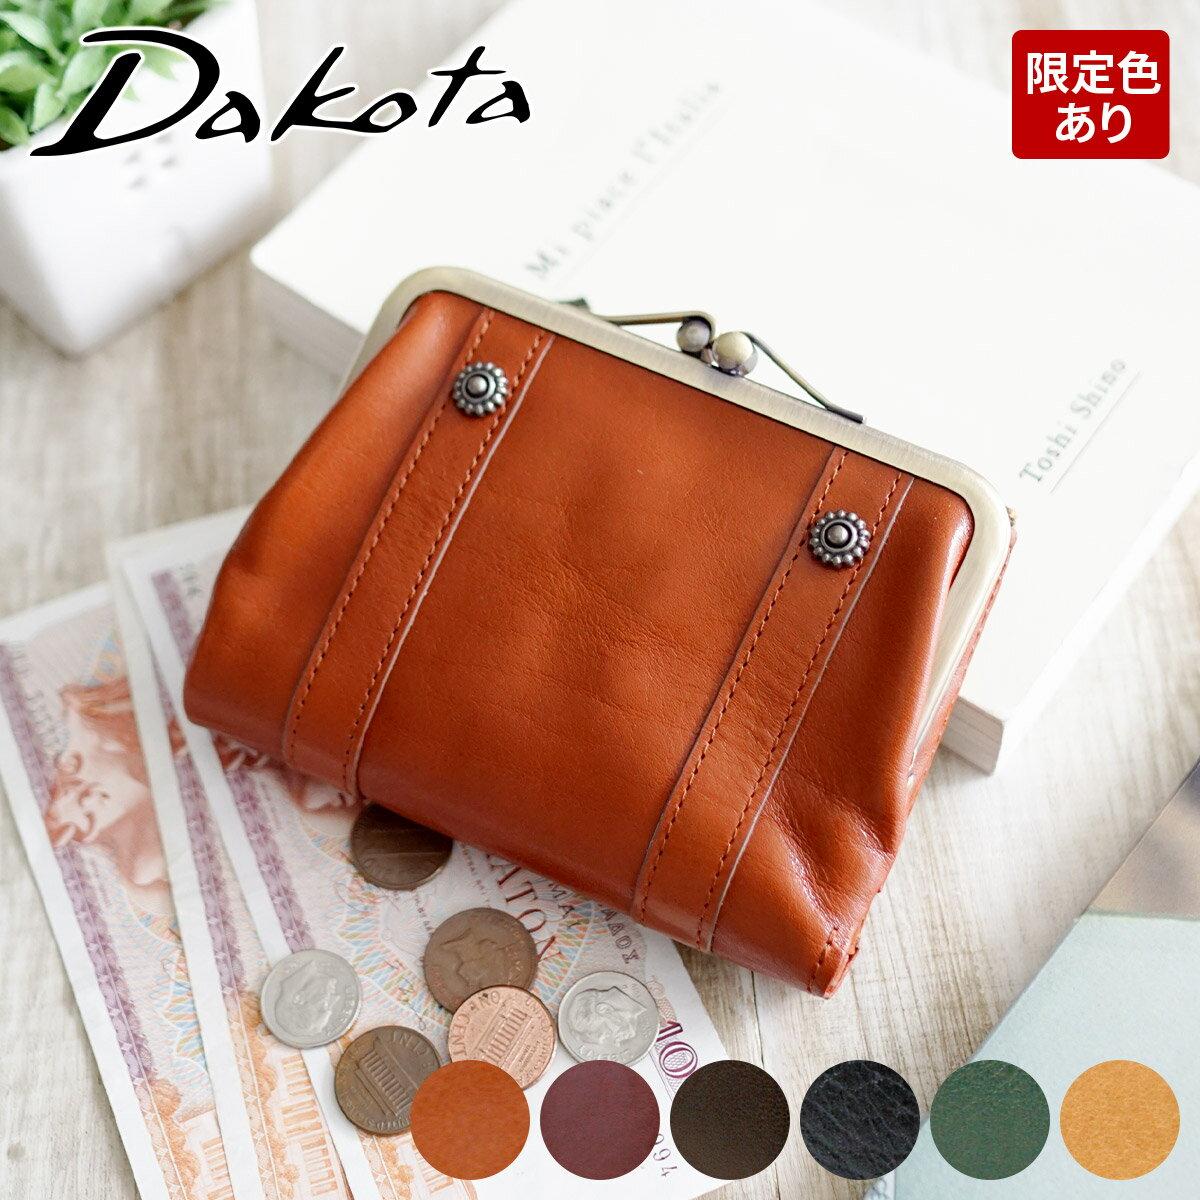 【選べるかわいいノベルティ付】 Dakota ダコタ 財布リードクラシック 二つ折り がま口財布 0030020 (0036200) (0030000)レディース財布 本革 32000 がま口 二つ折り財布(小銭入れあり) ギフト おしゃれ プレゼント